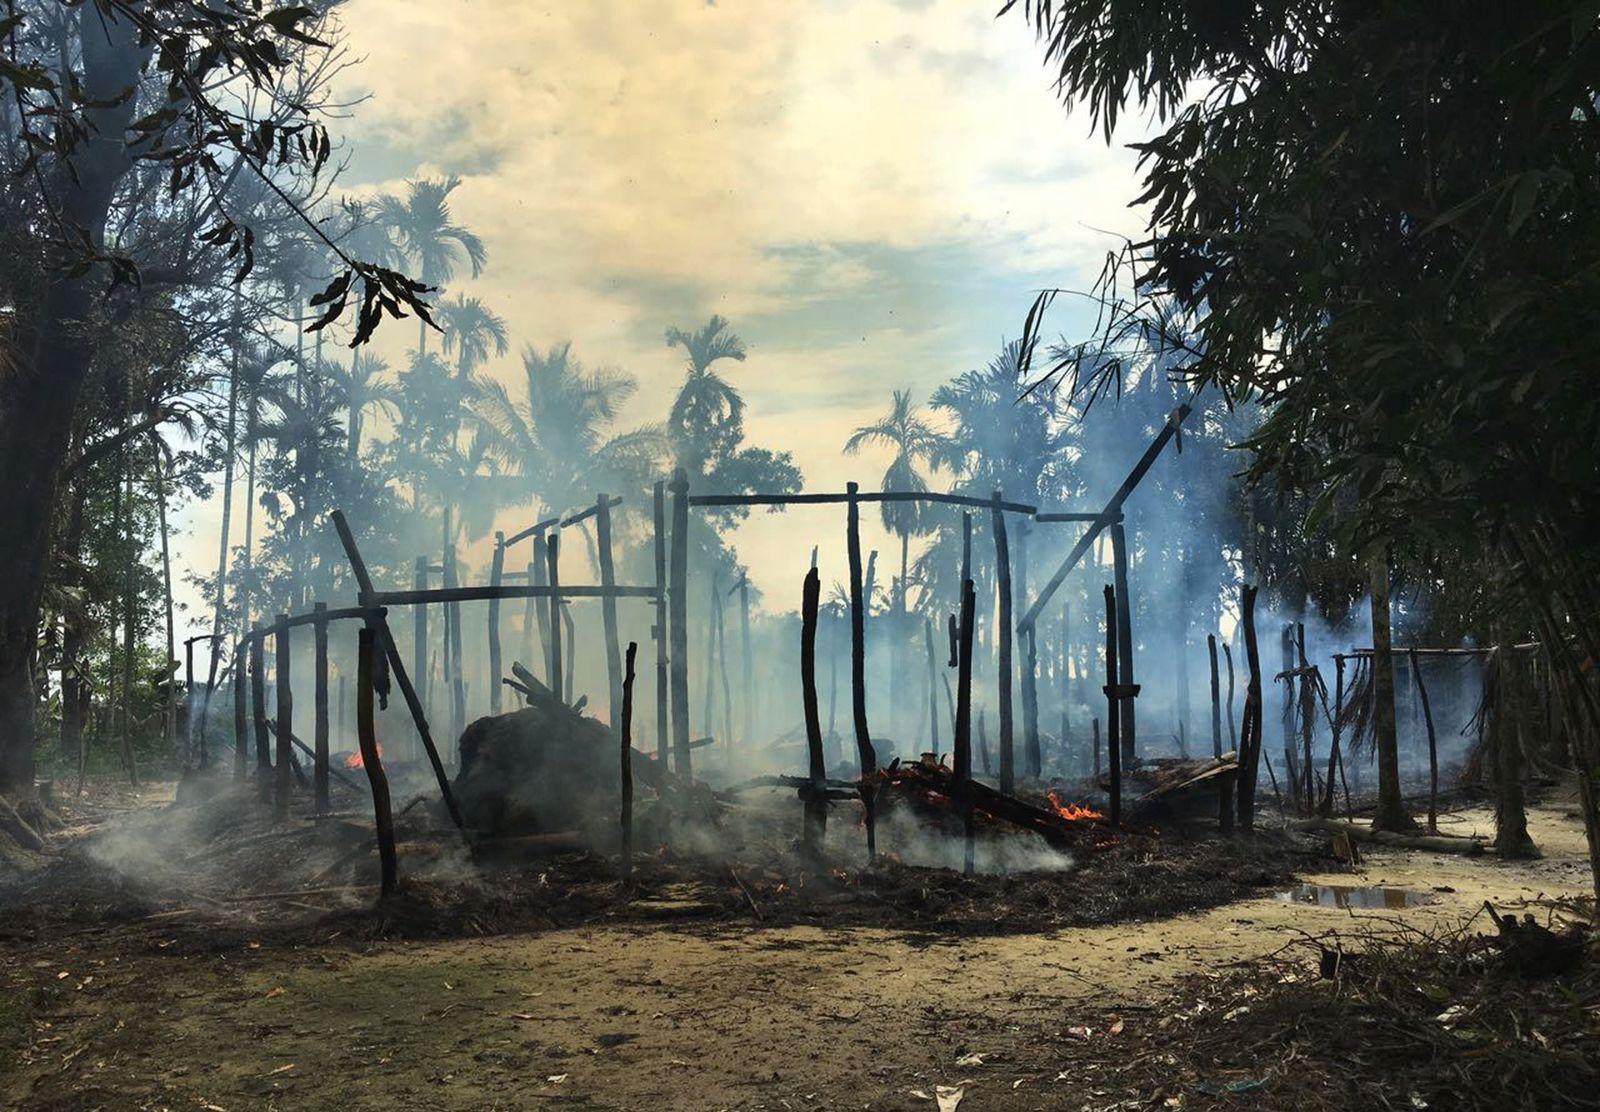 หมู่บ้านโรฮิงญา เผา